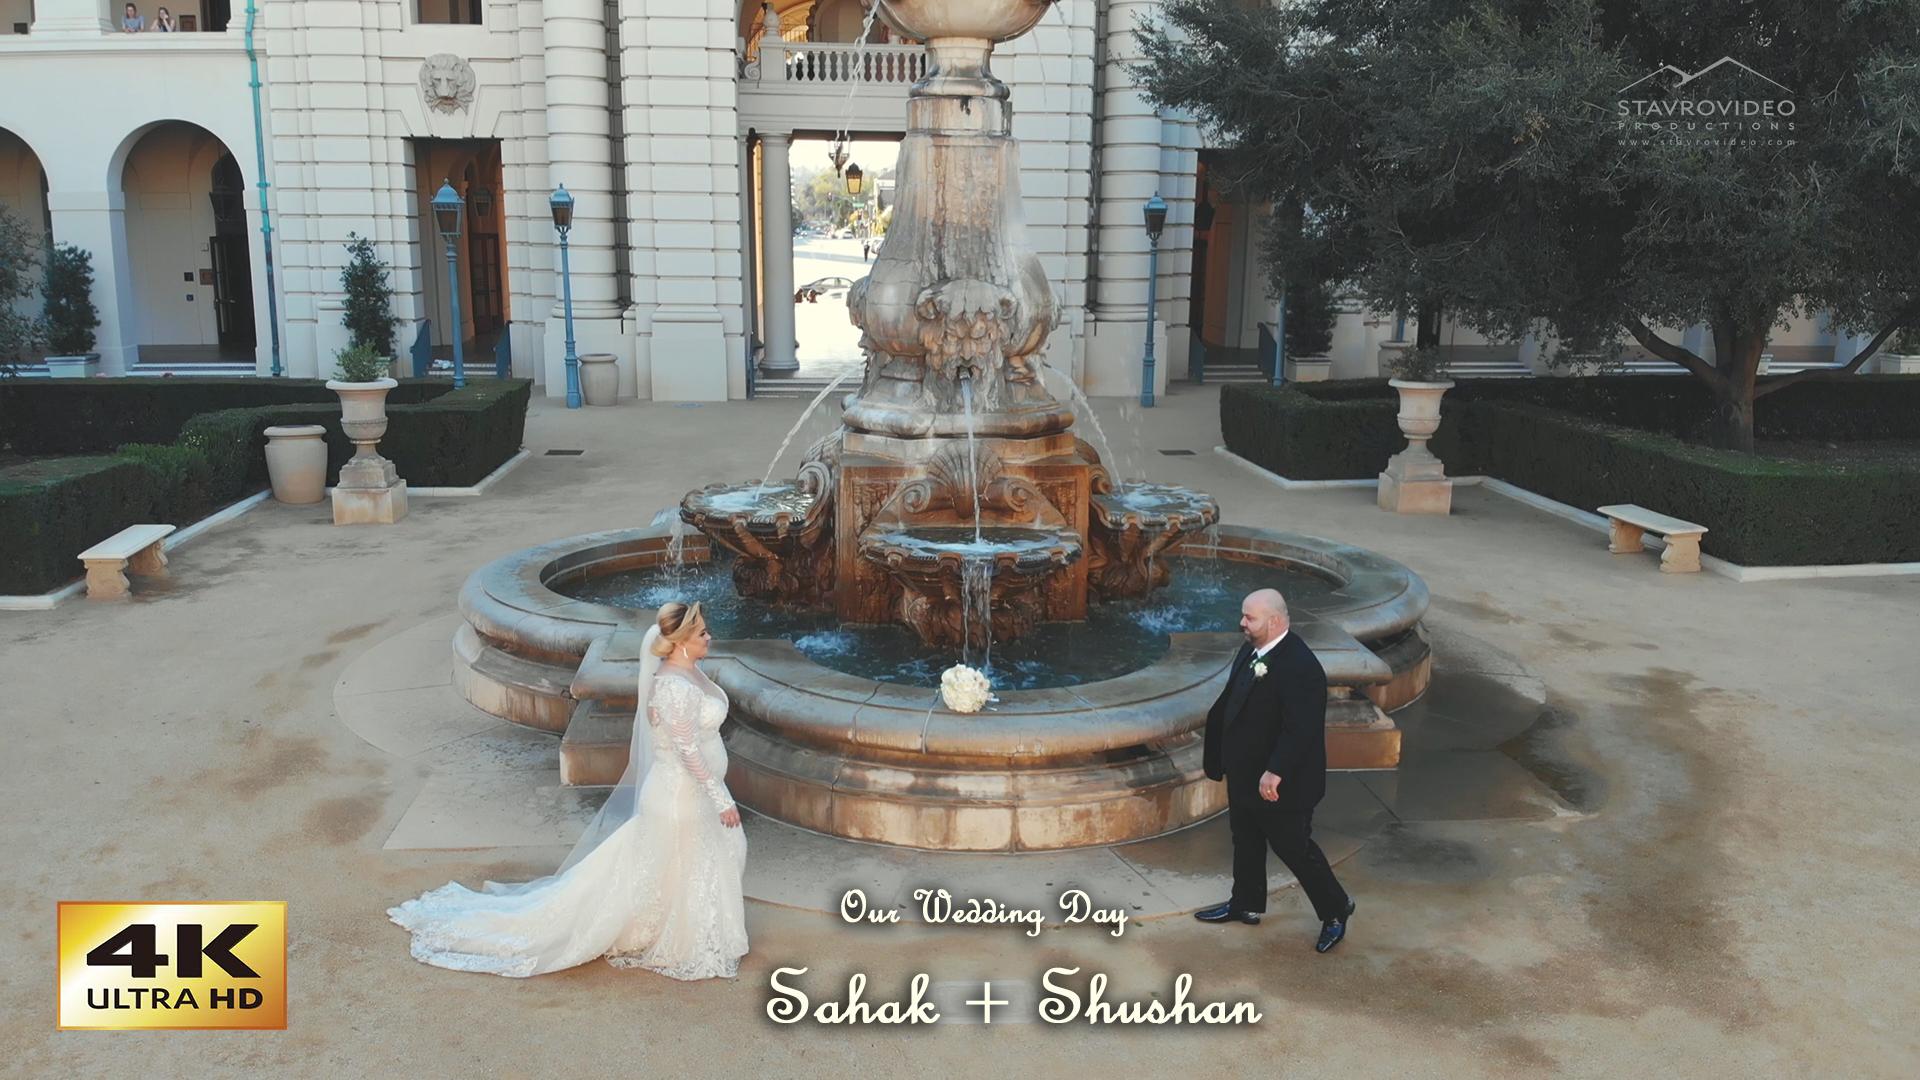 Sahak + Shushan | Glendale, California | Anoush banquet hall